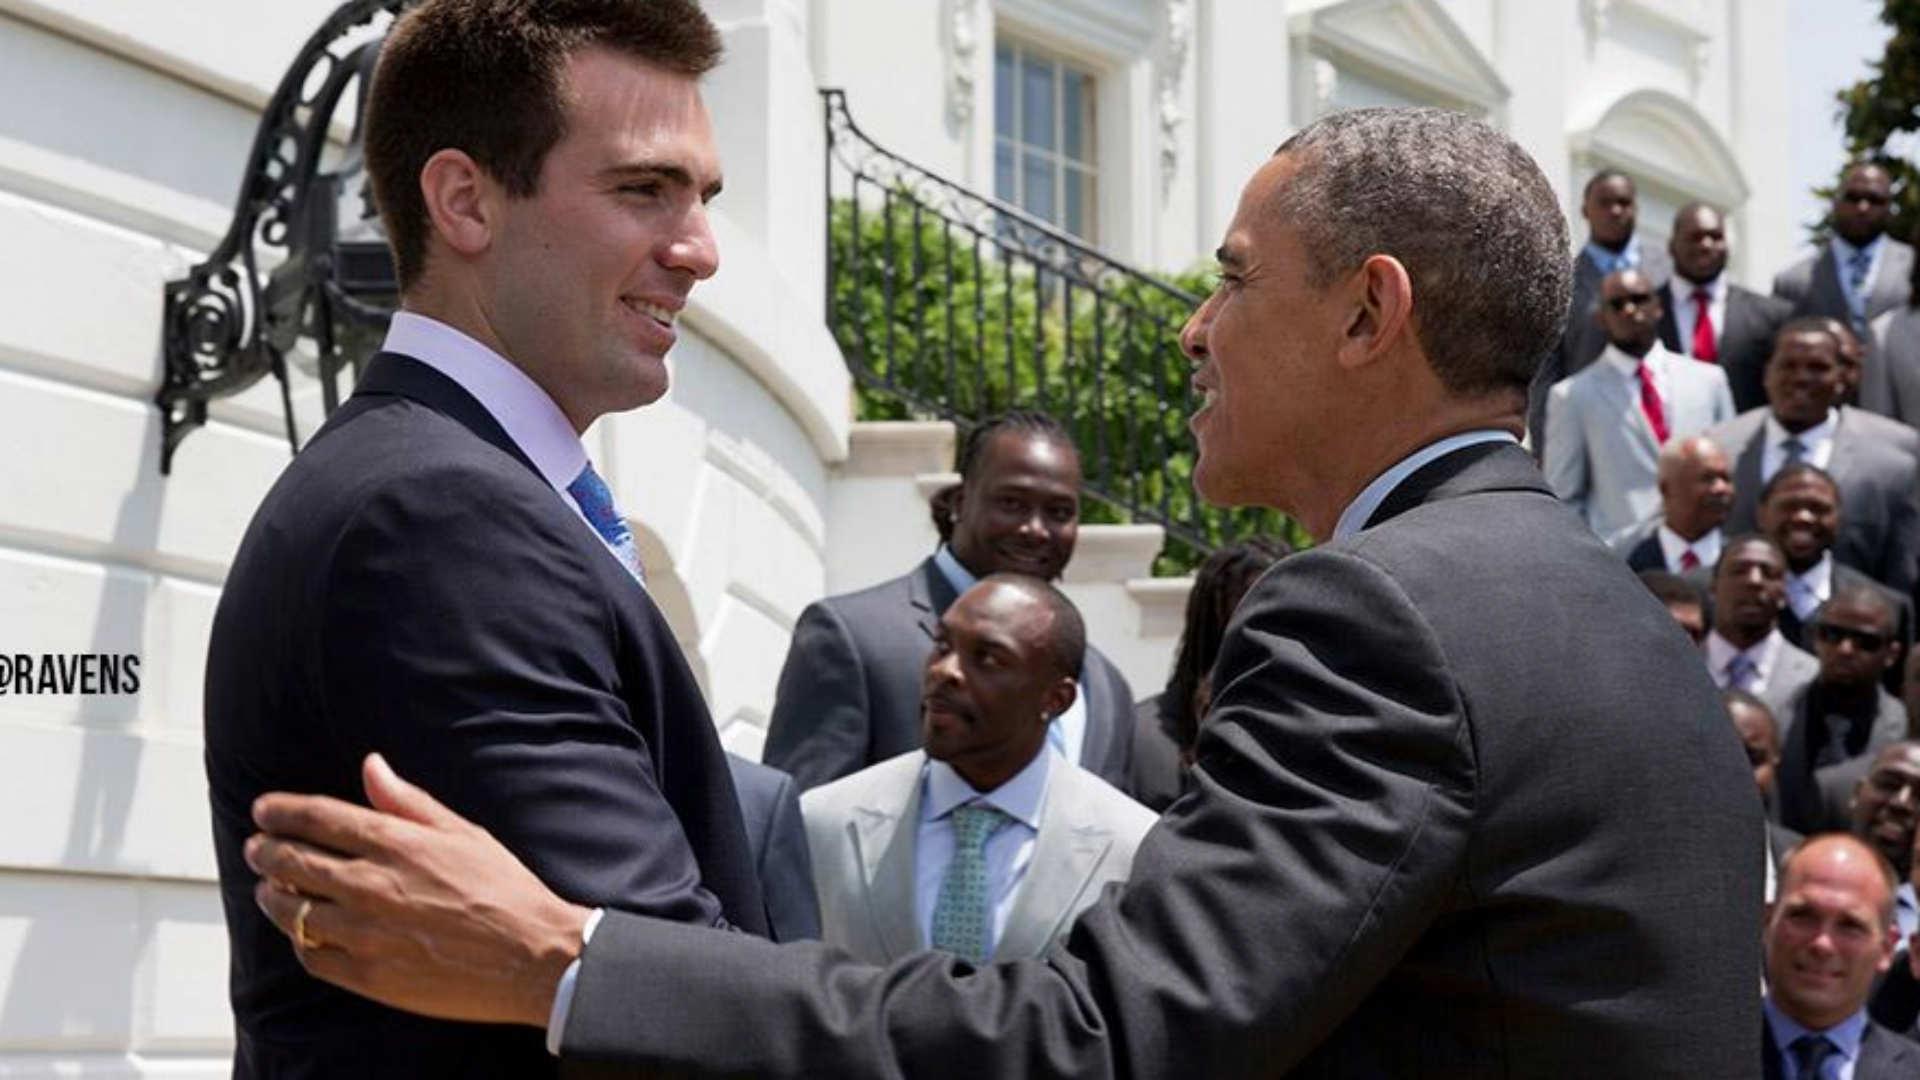 Flacco-Obama-121914-Twitter-FTR.jpg